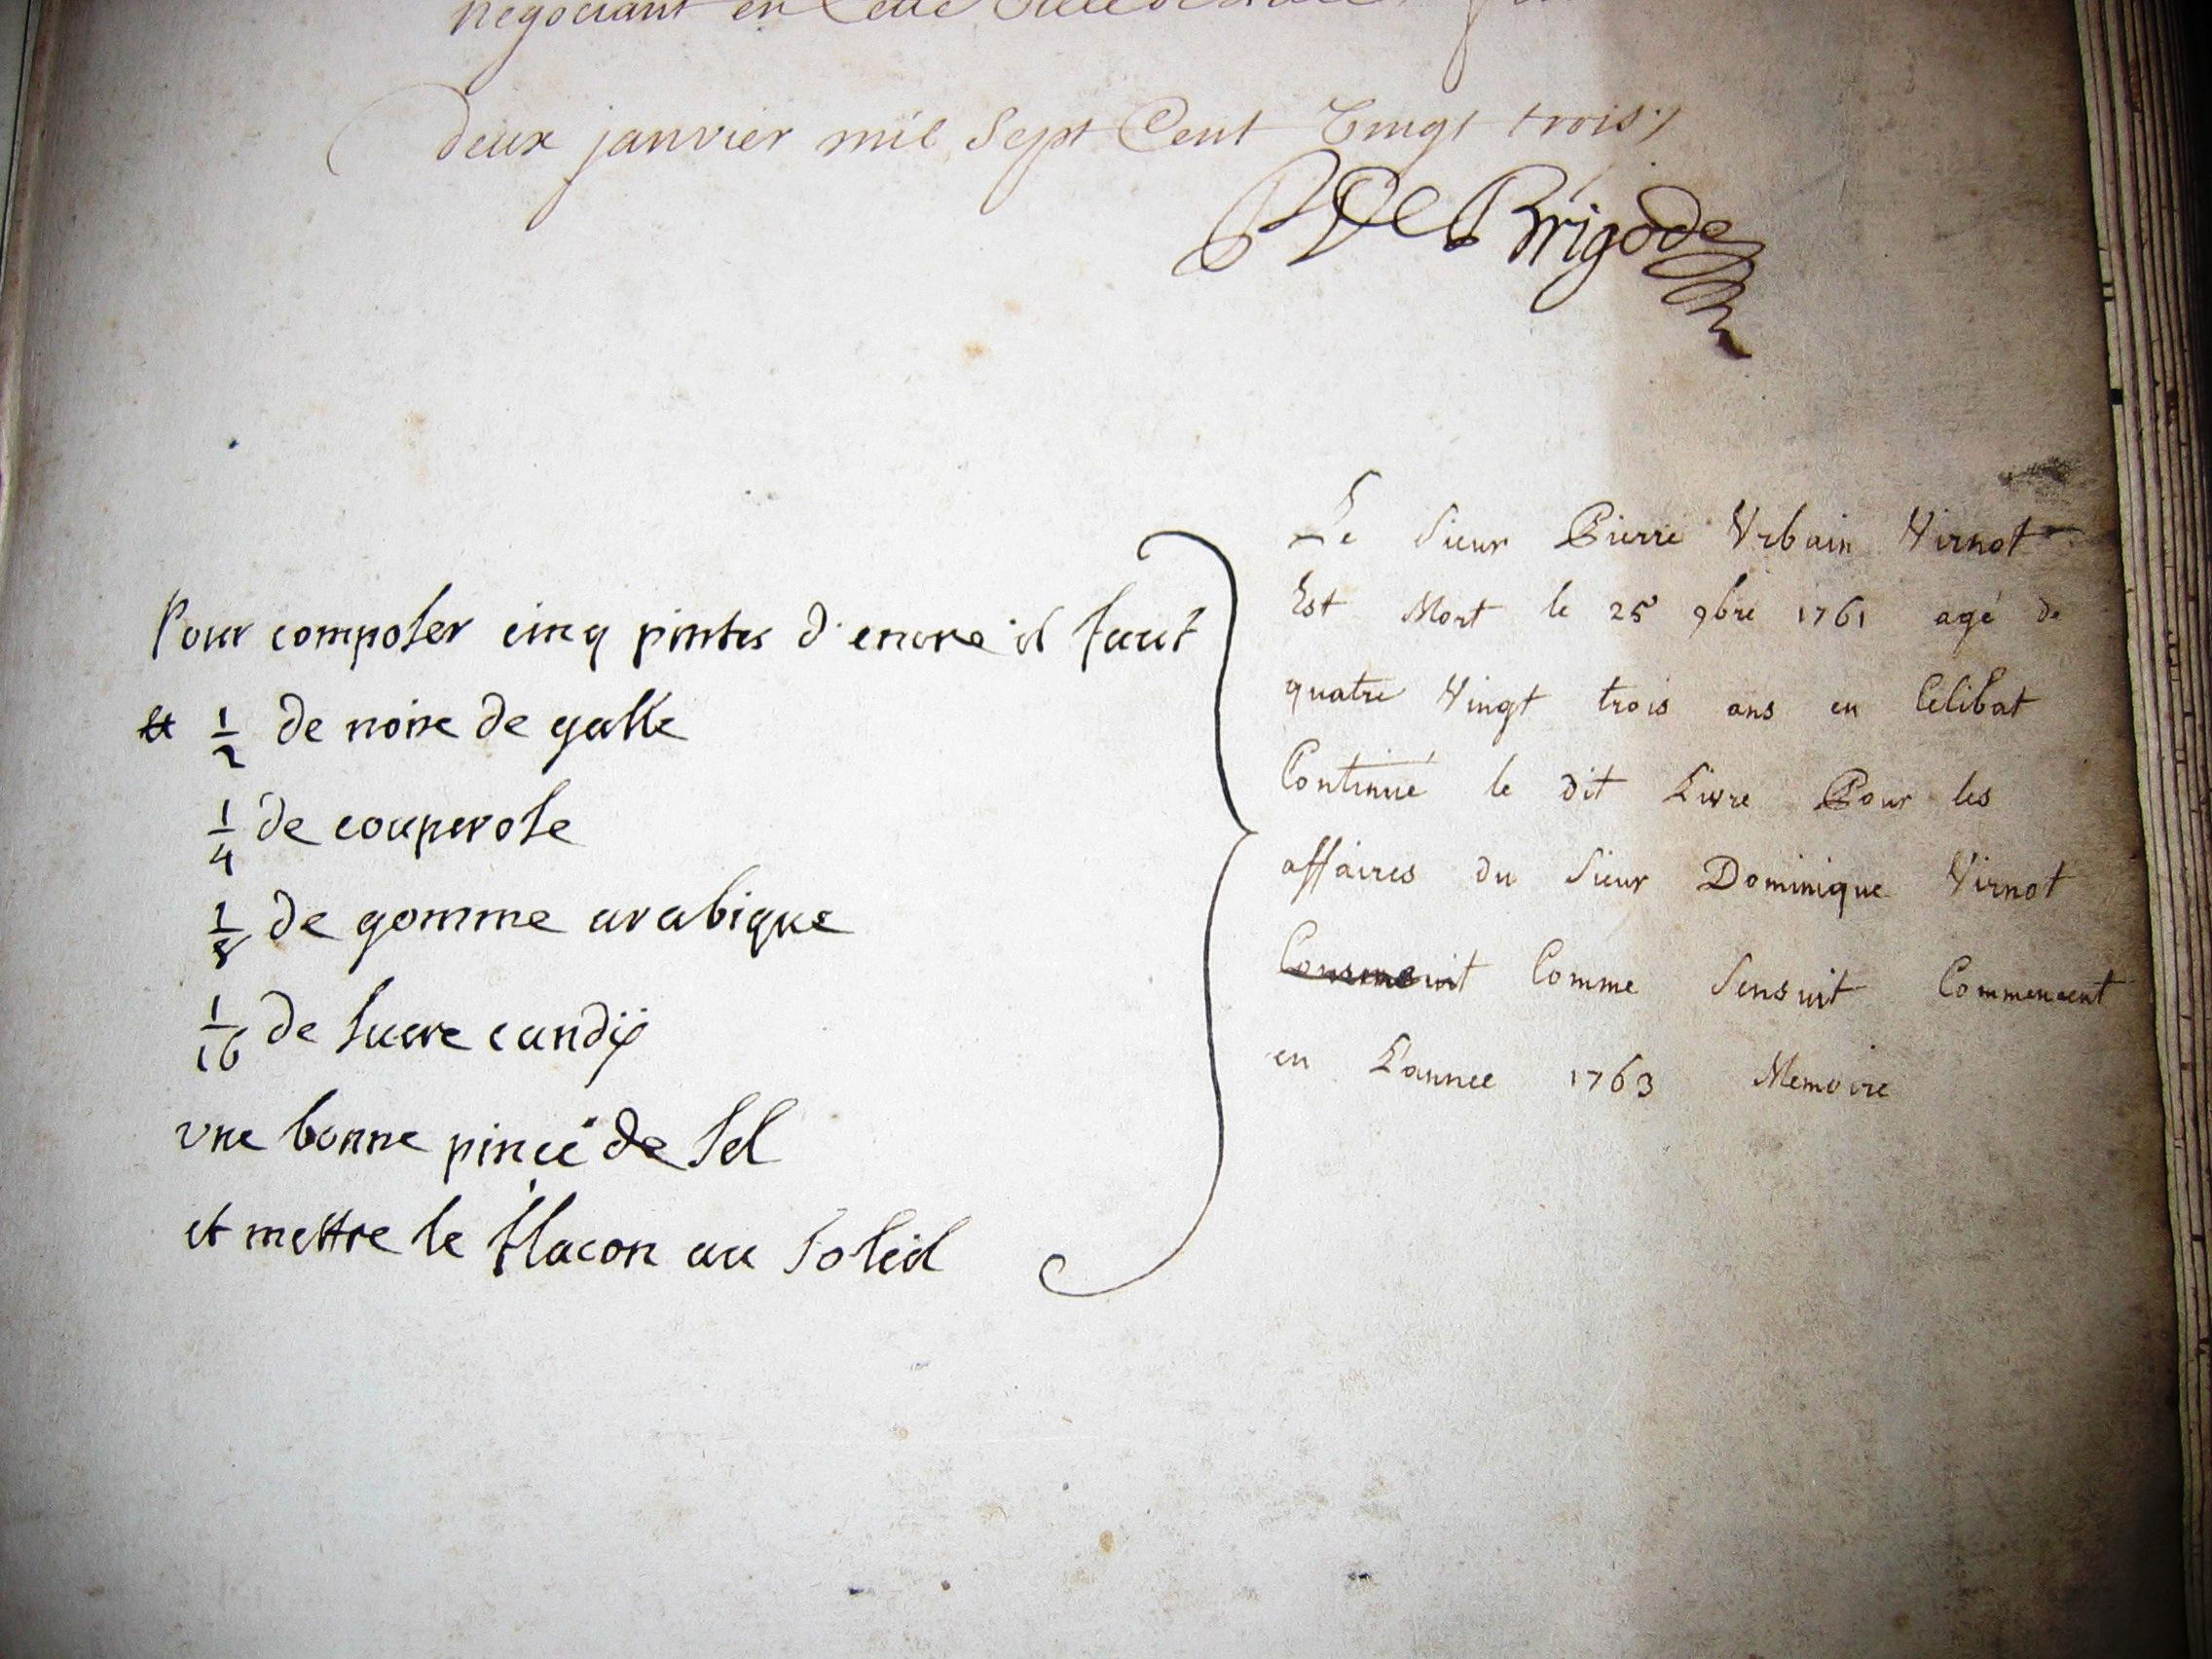 lettre-Virnot-de-Brigode